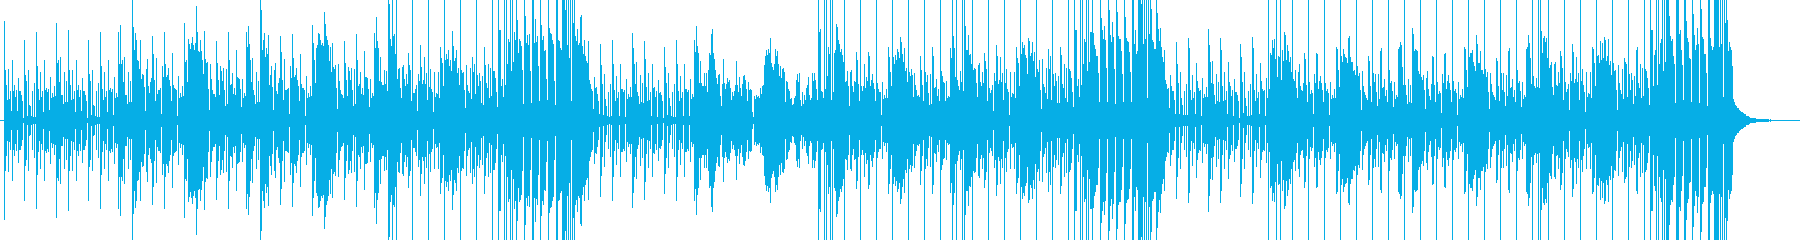 クールな製品紹介に、ヒップホップ風BGMの再生済みの波形